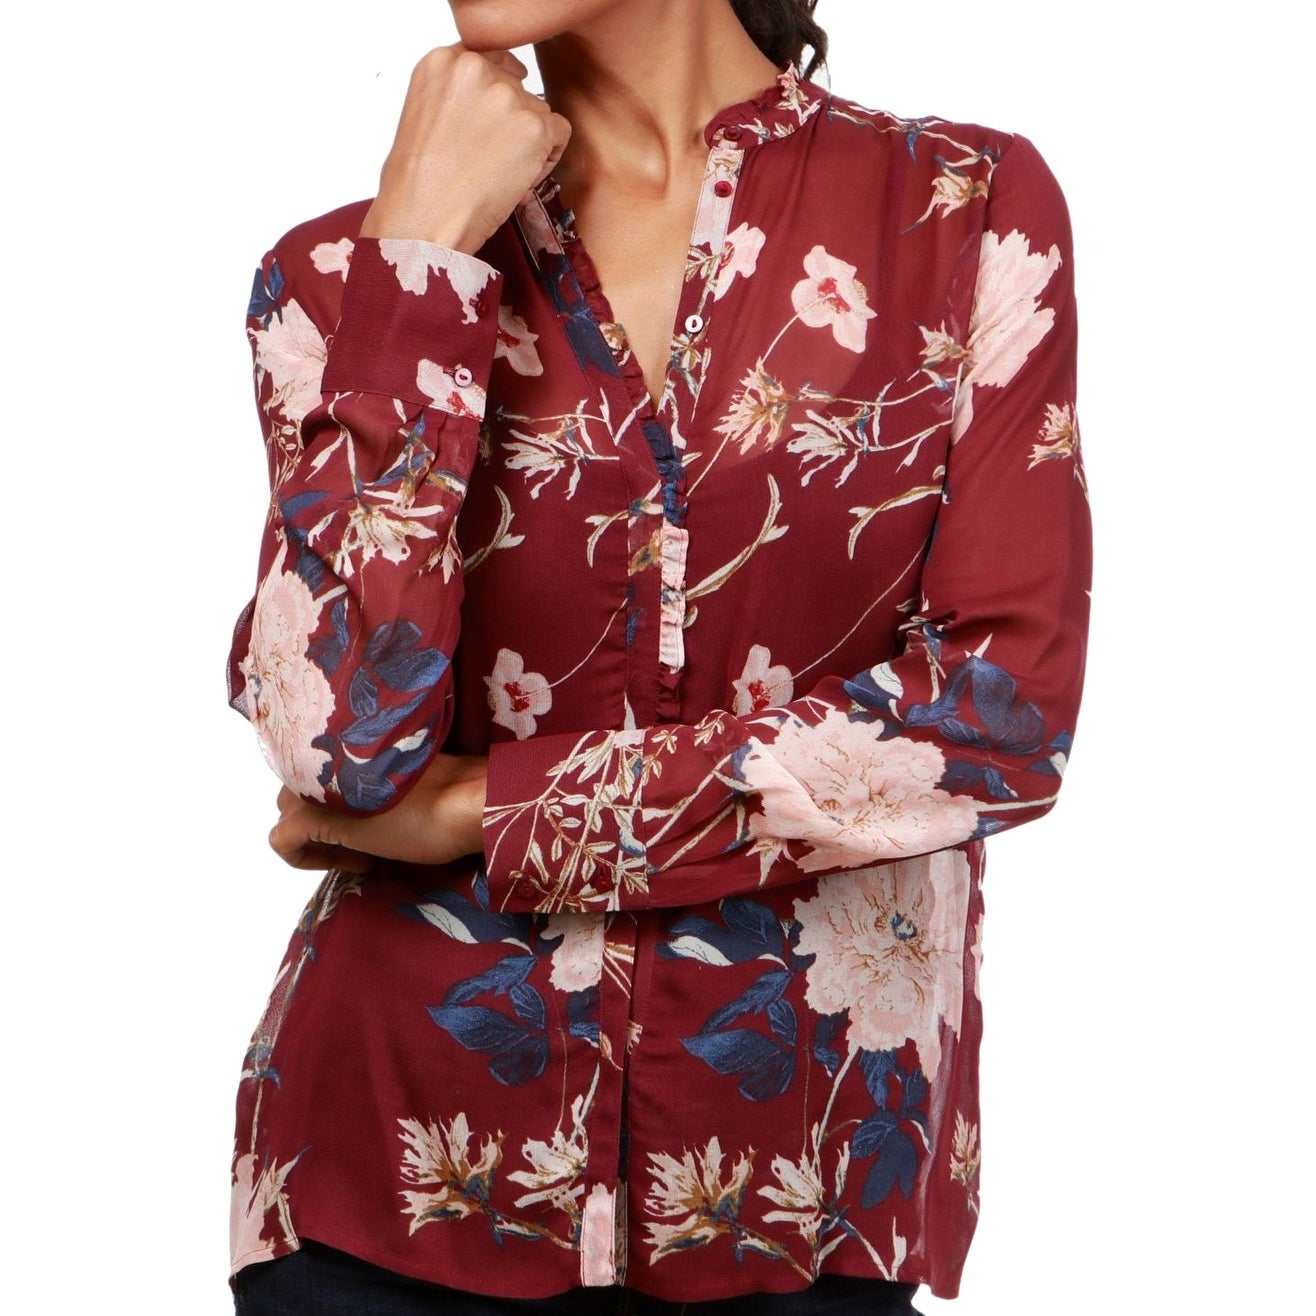 6a93d651 Sheer Button Down Shirt Dress - DREAMWORKS